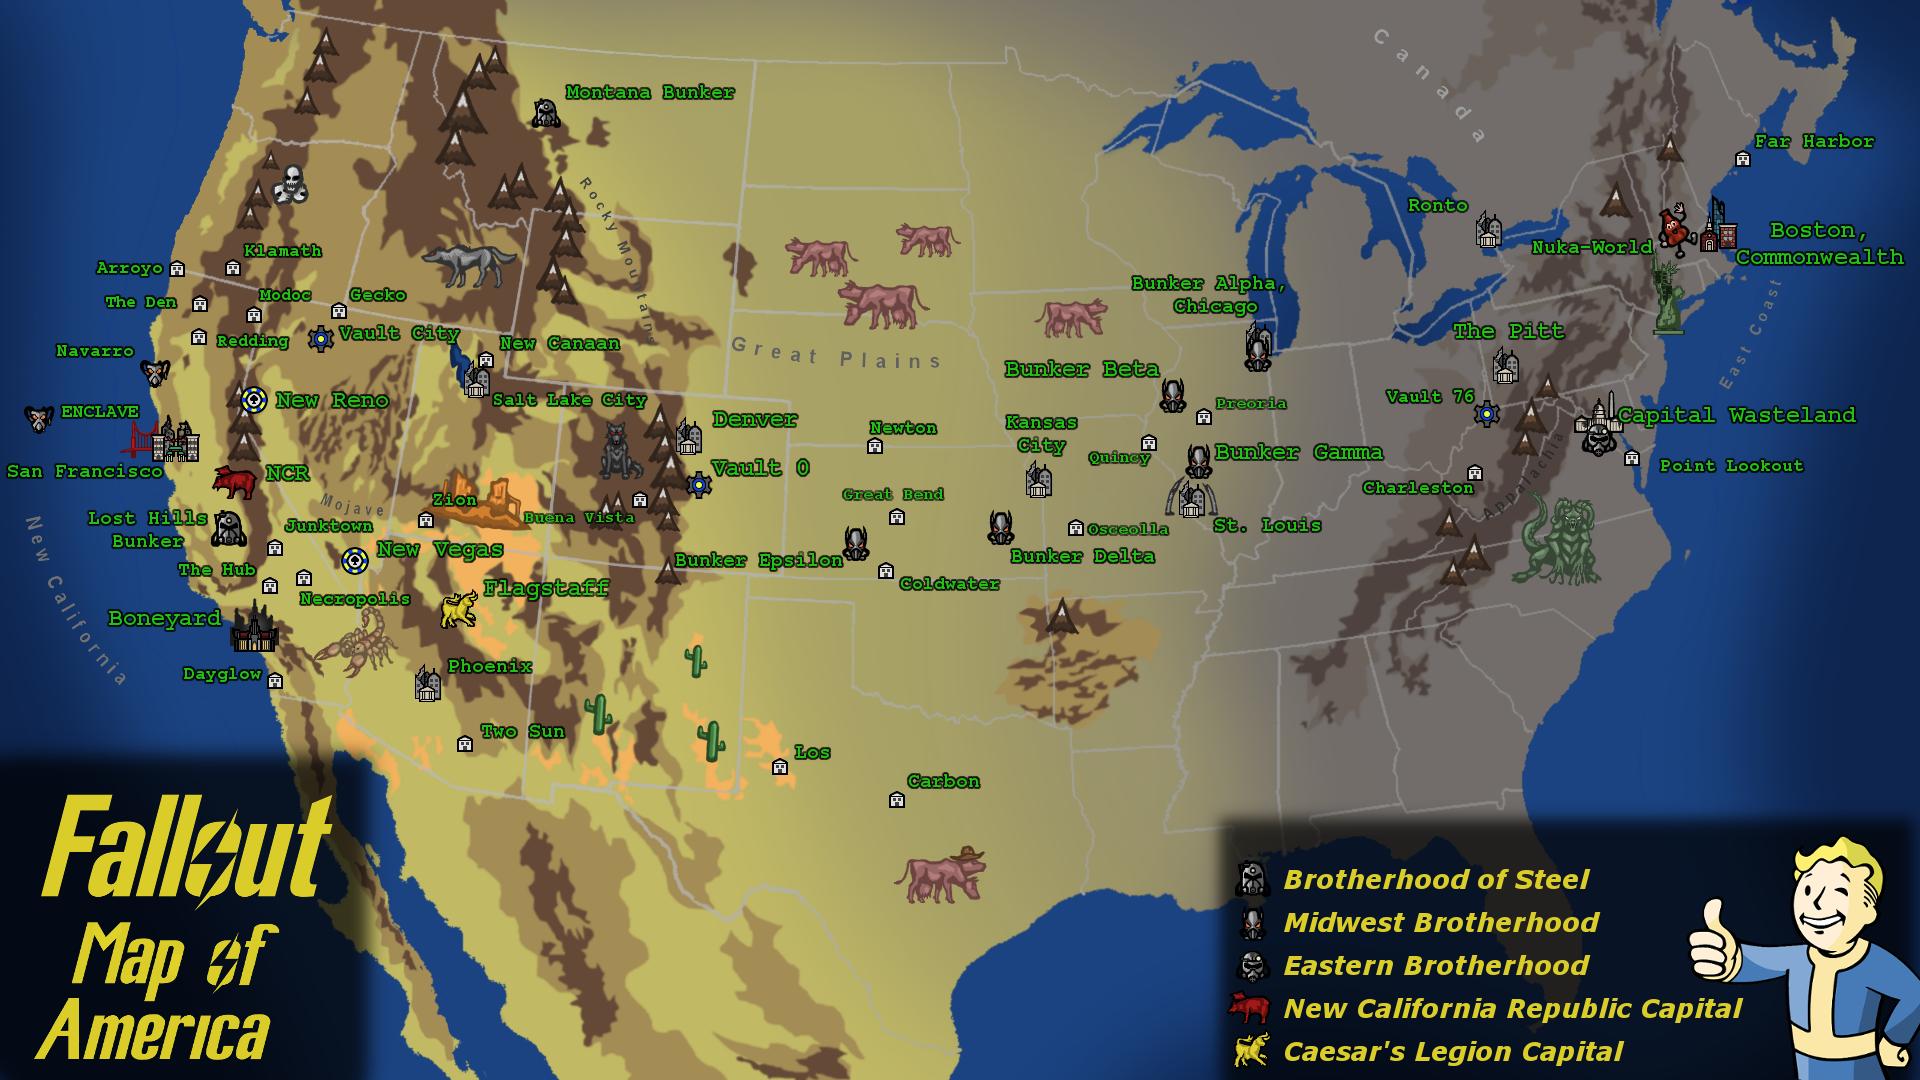 Map Of America Fallout.Fallout Map Of America By Crassiuscurio94 On Deviantart